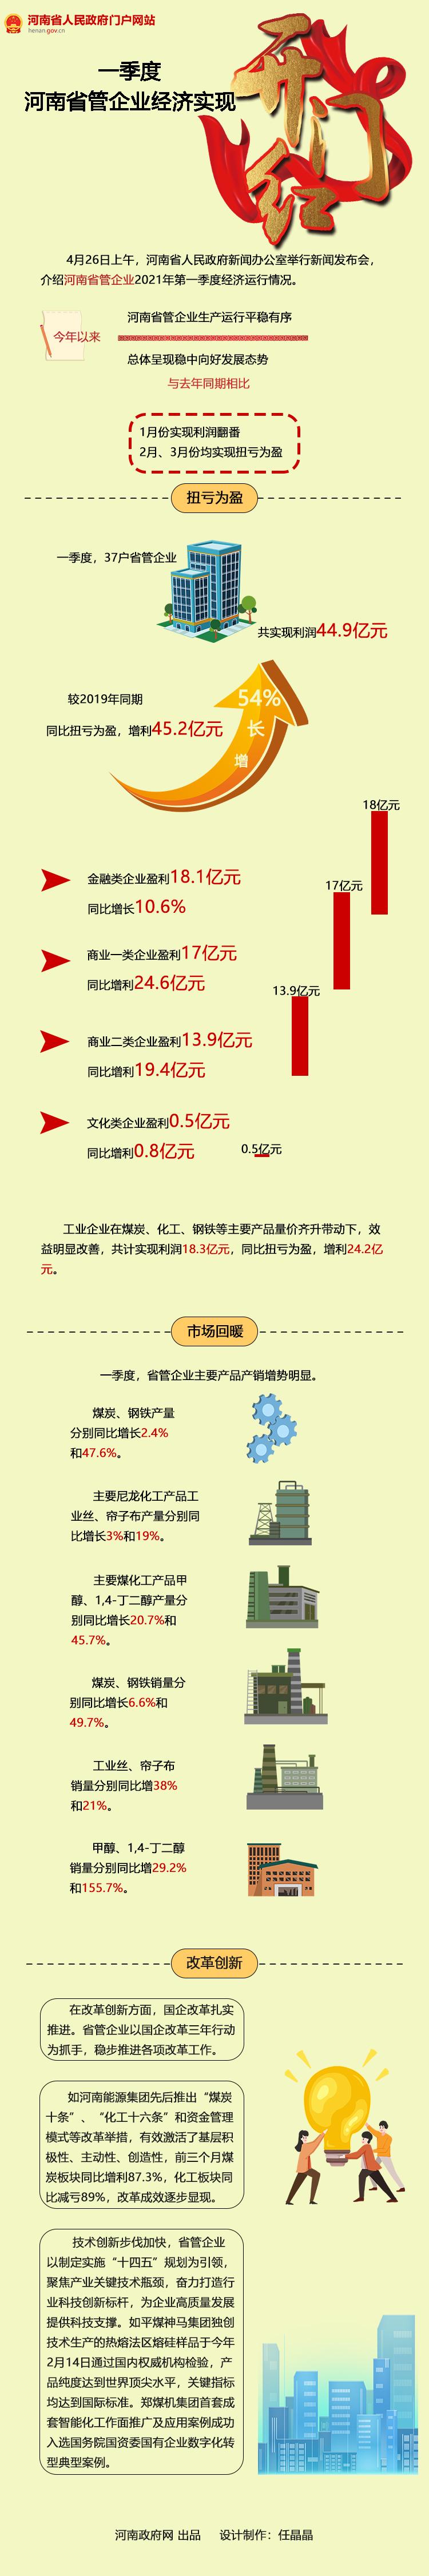 """图解:一季度河南省管企业经济实现""""开门红"""""""